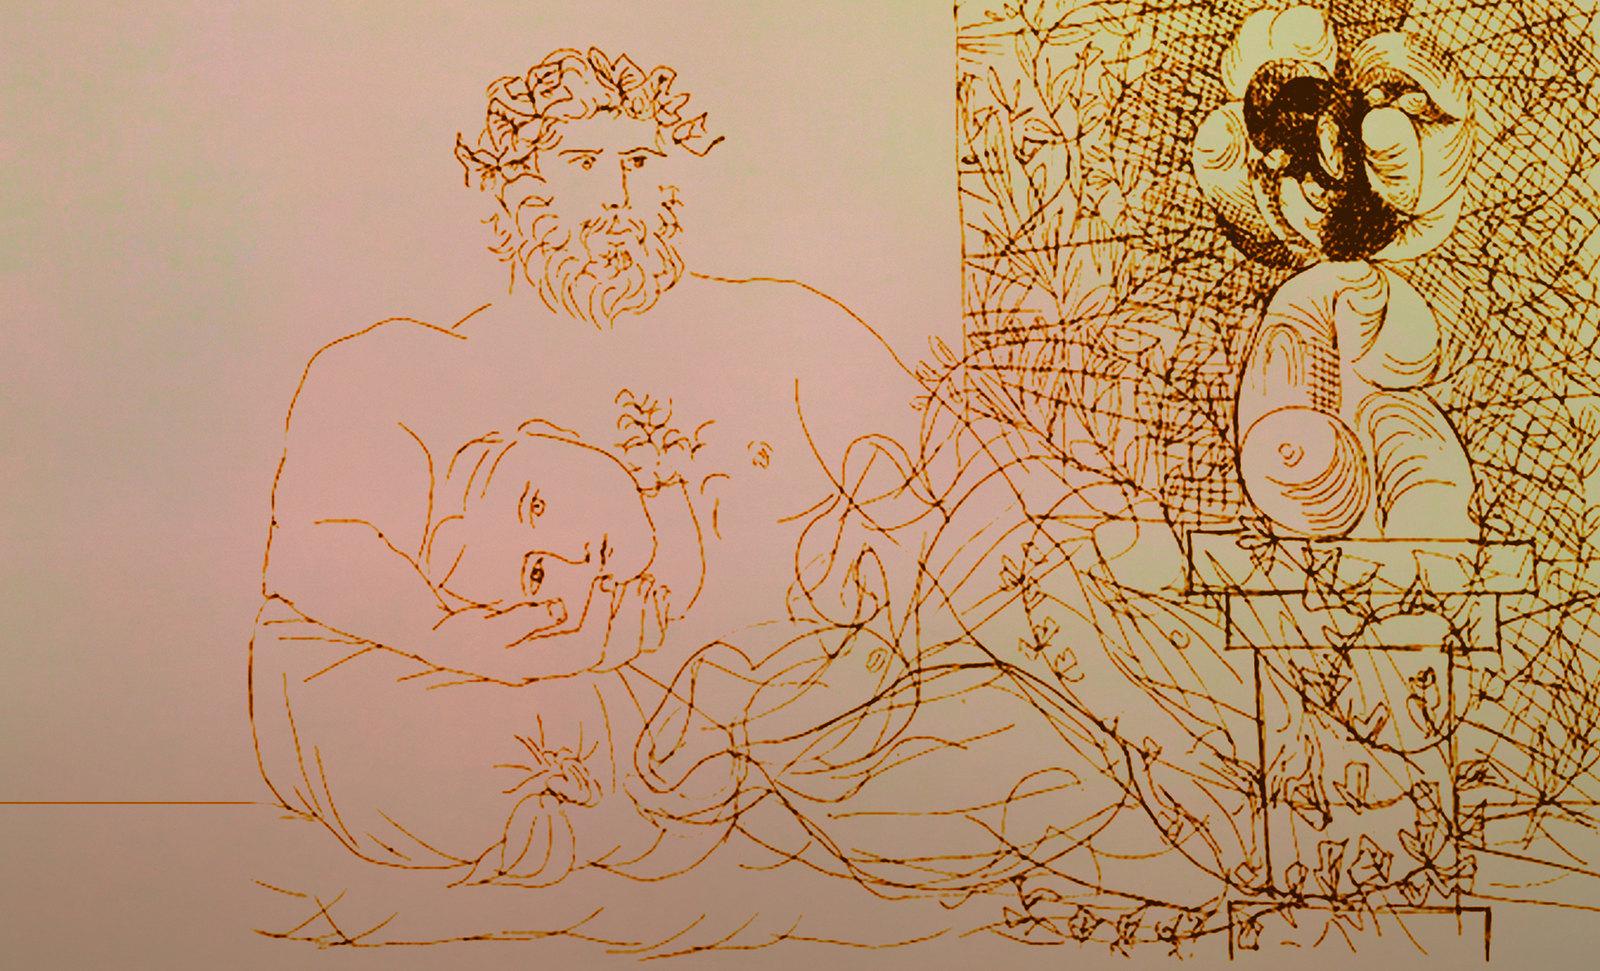 69Pablo Picasso